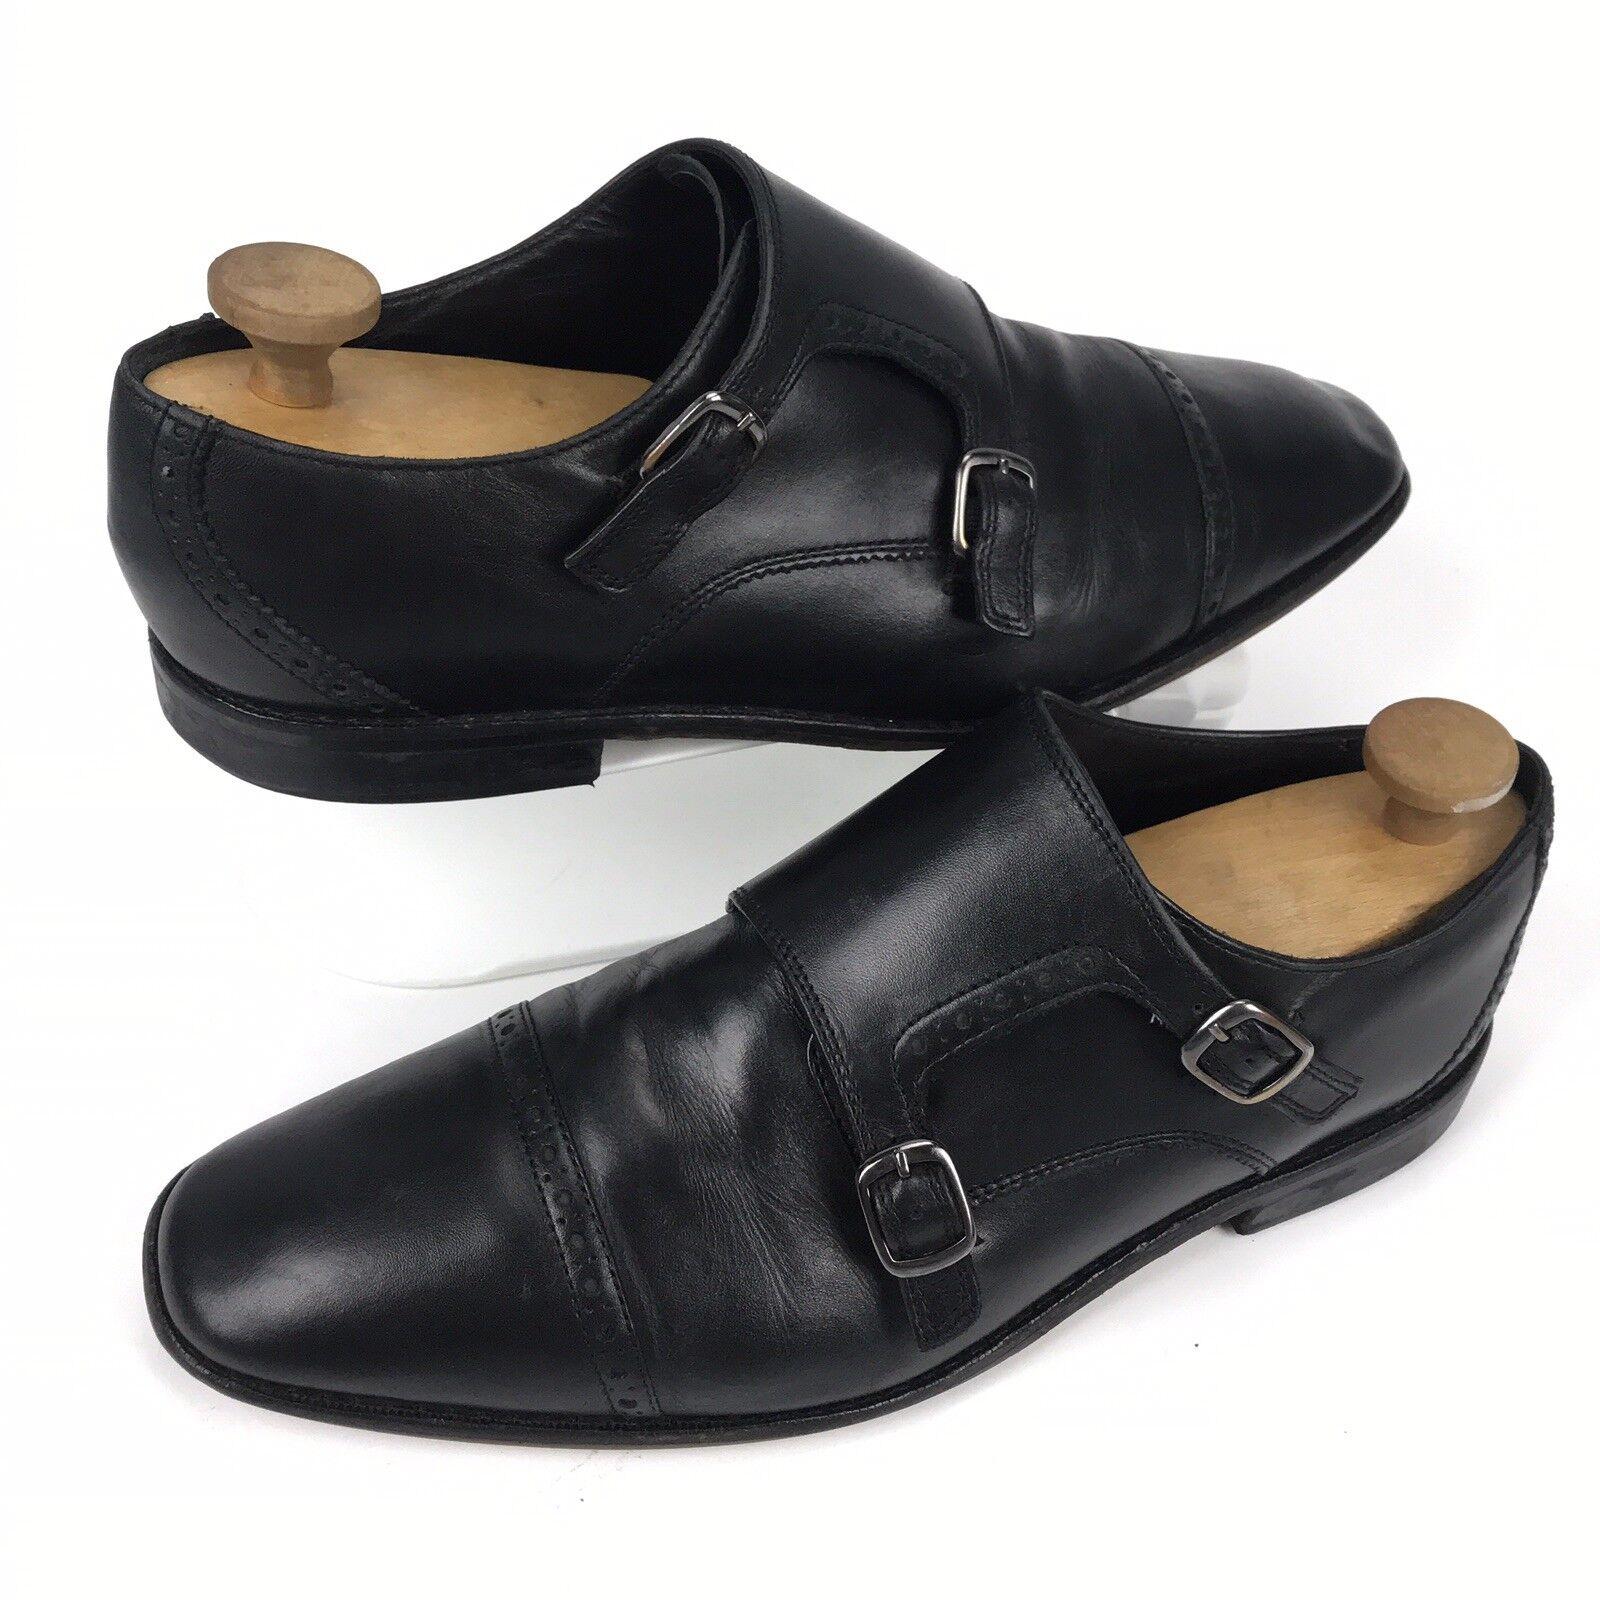 Homme Florsheim Castellano Monk Strap Cap Toe en cuir noir   Chaussures Sz 11 d